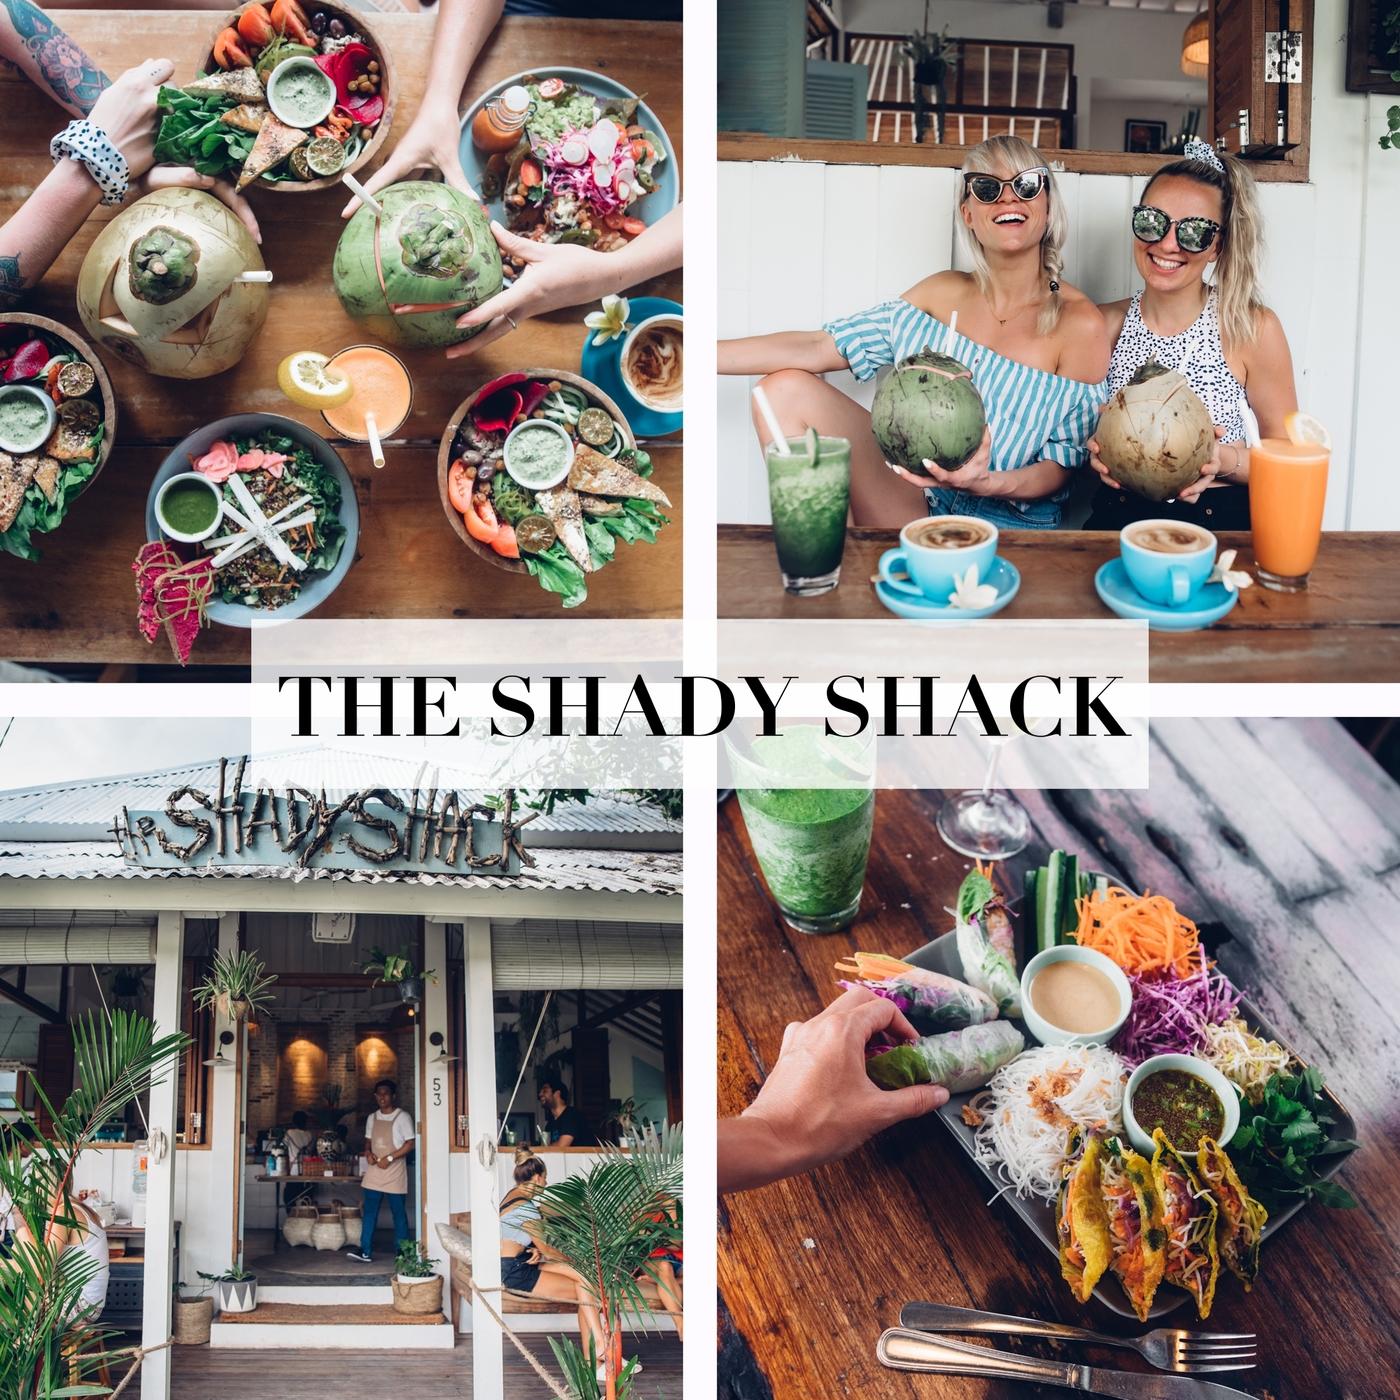 shady shack-2.jpg